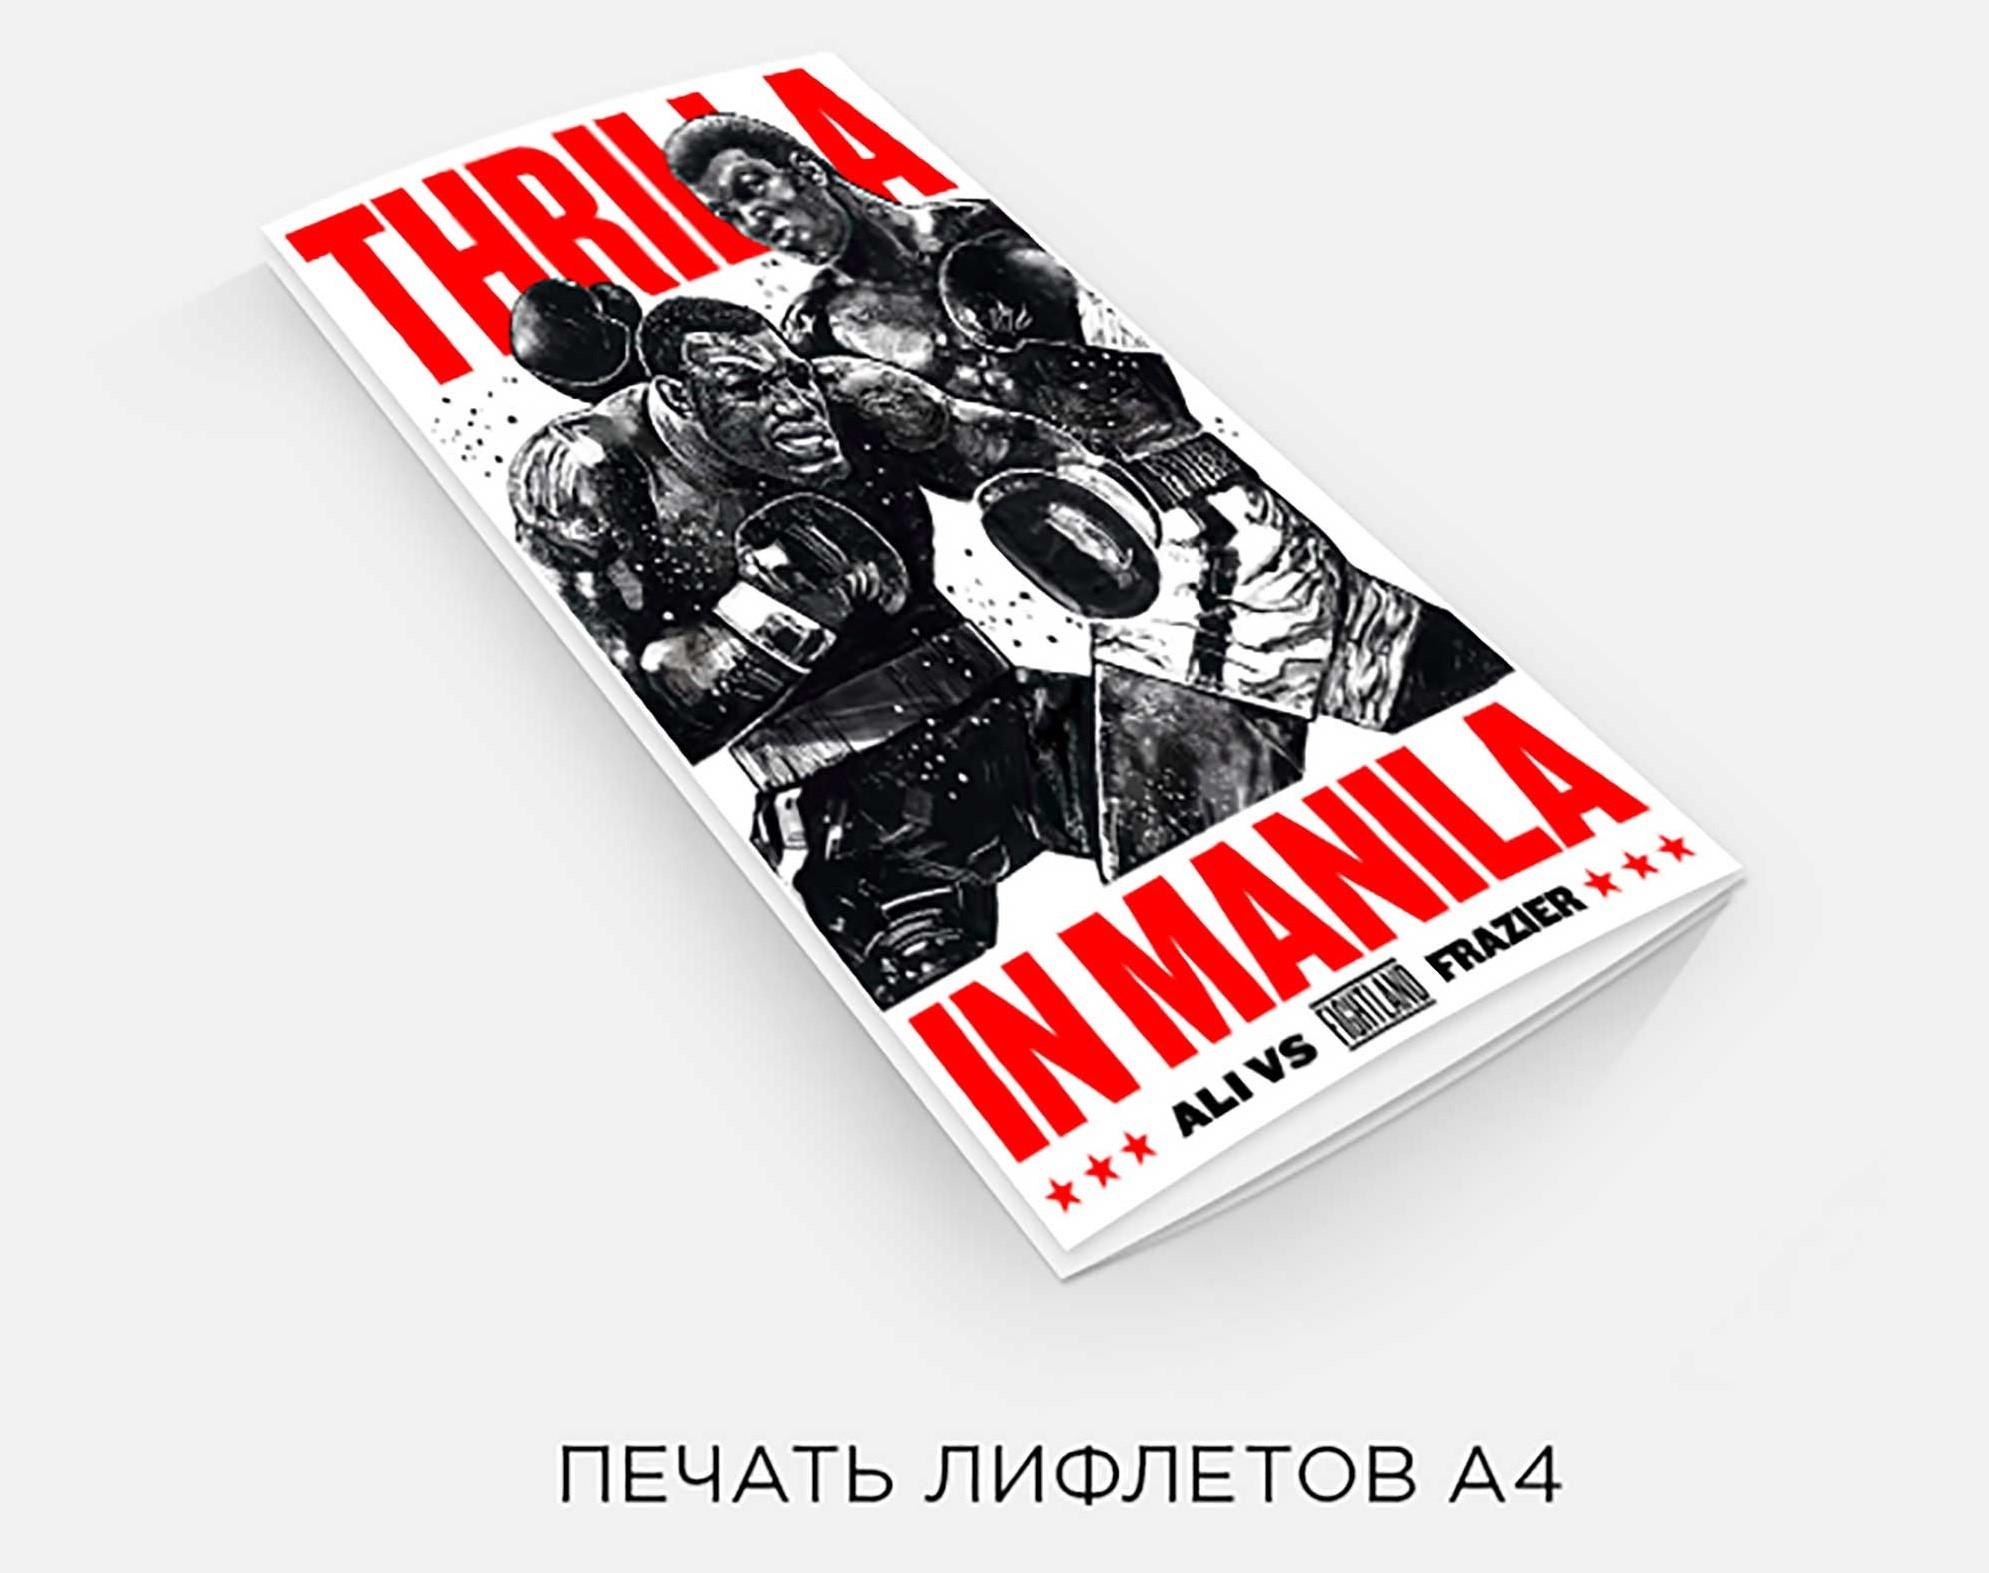 Печать лифлетов А4 в Москве | фото 3